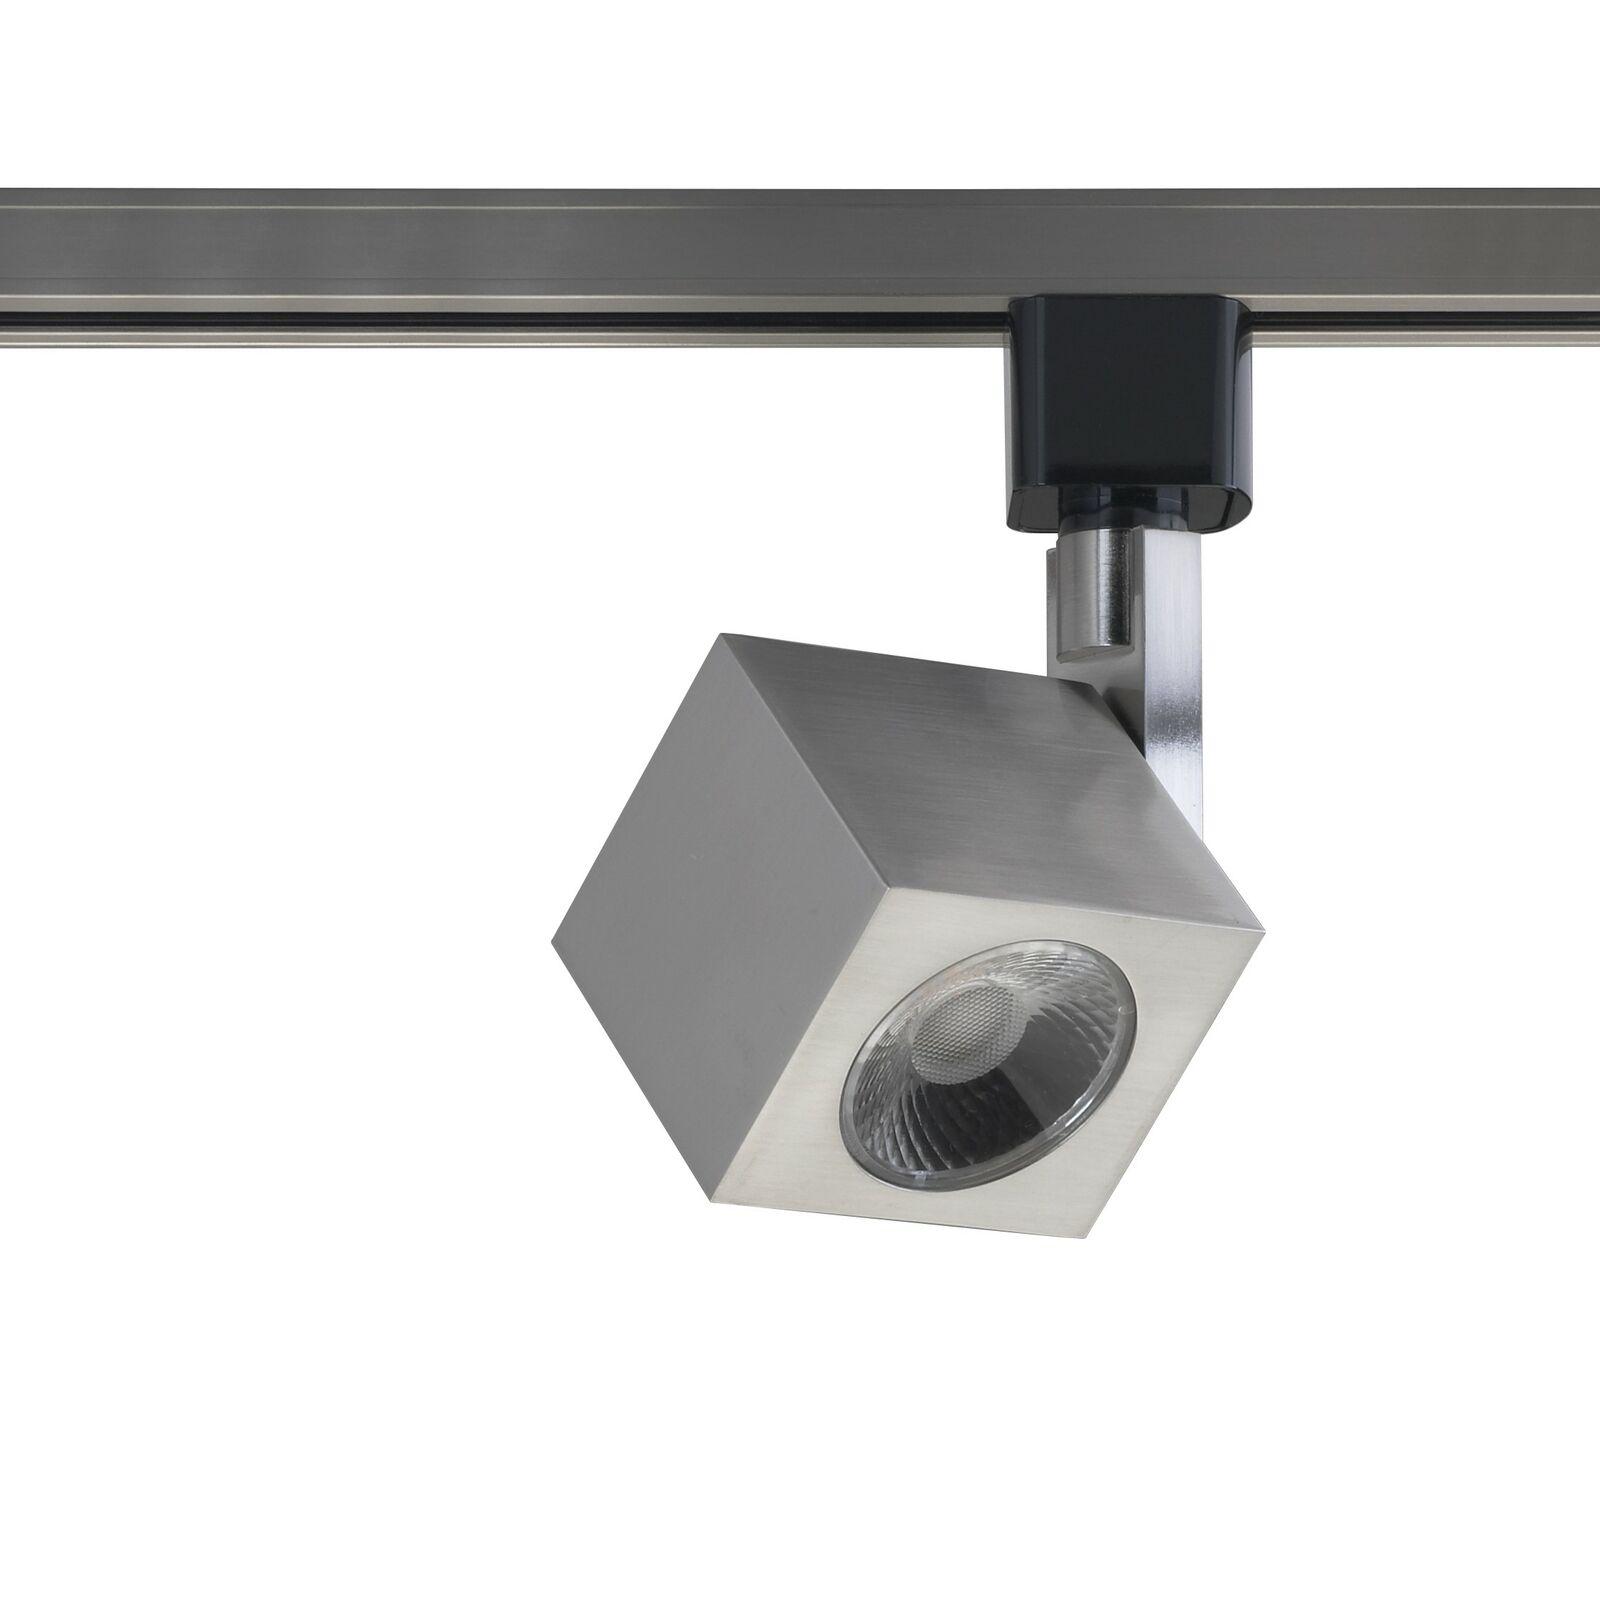 12W 1 Luz LED cuadrado de cabeza de pista de níquel cepillado haz de 24 grados.